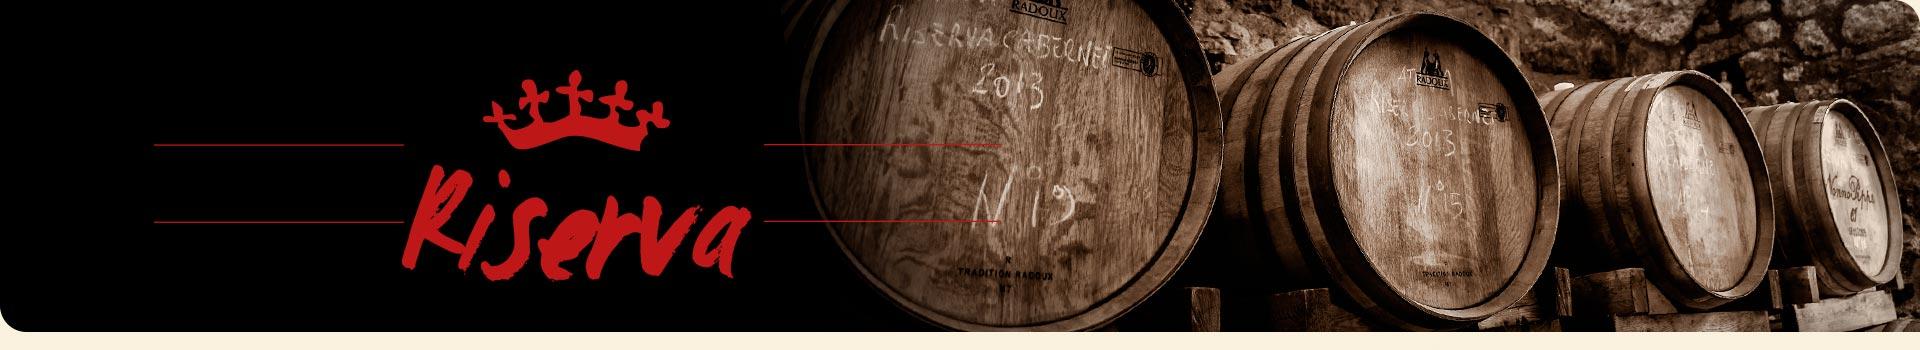 vini-riserva-banner